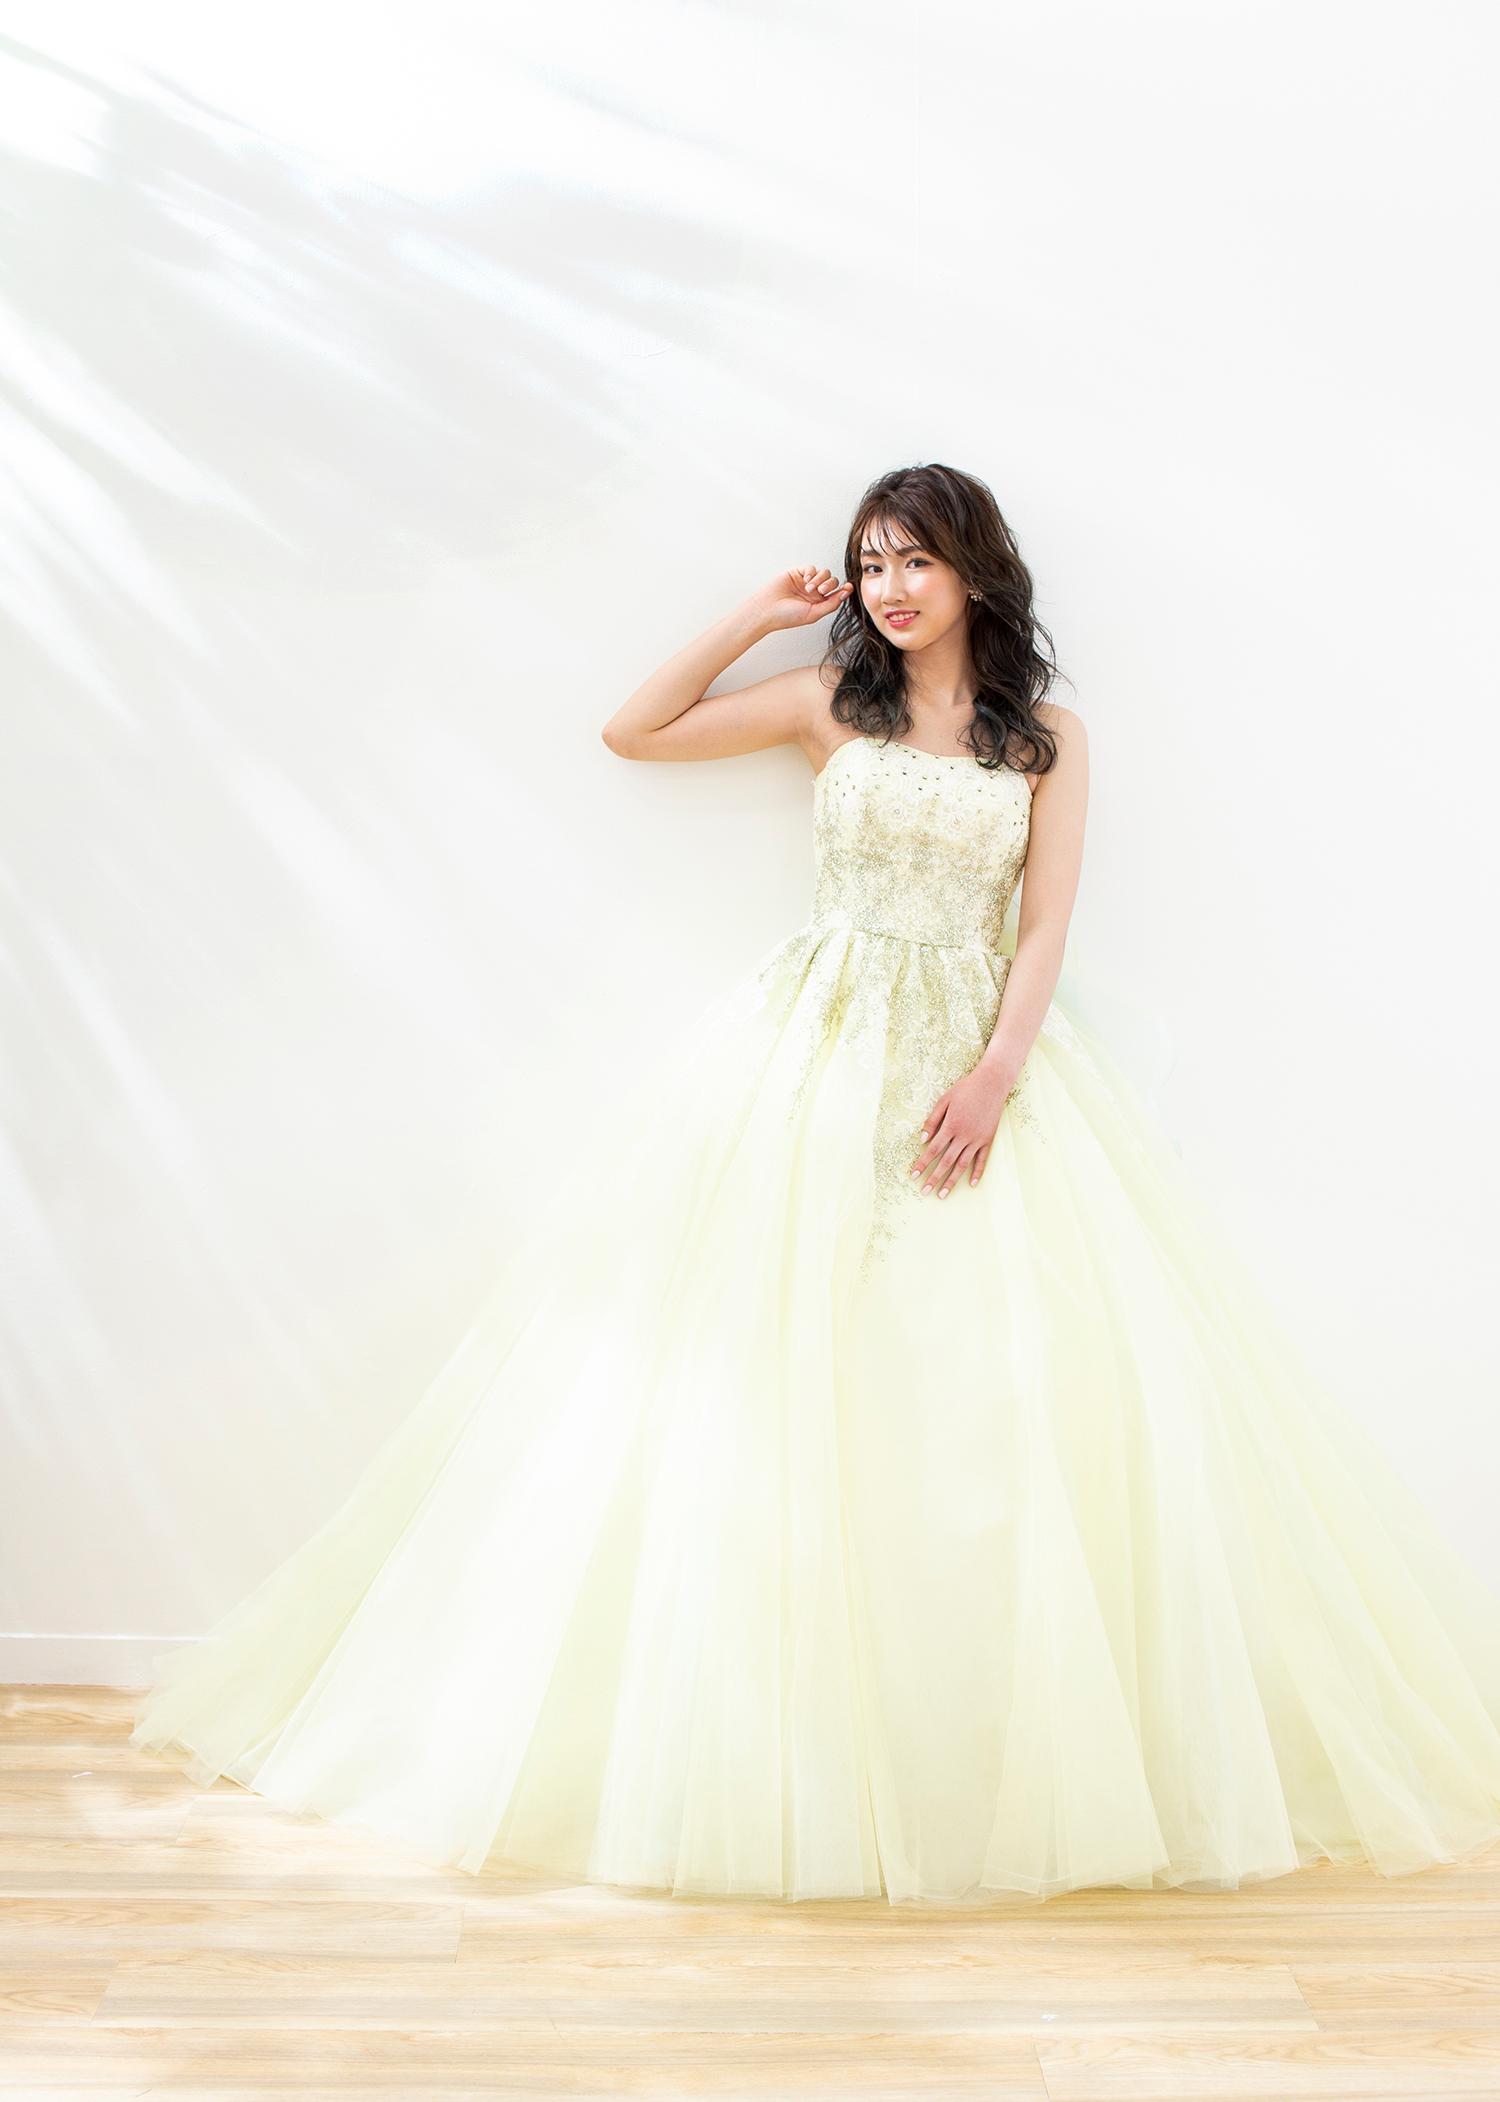 成人PHOTO  新しいドレスを入荷しました♡...私らしい...